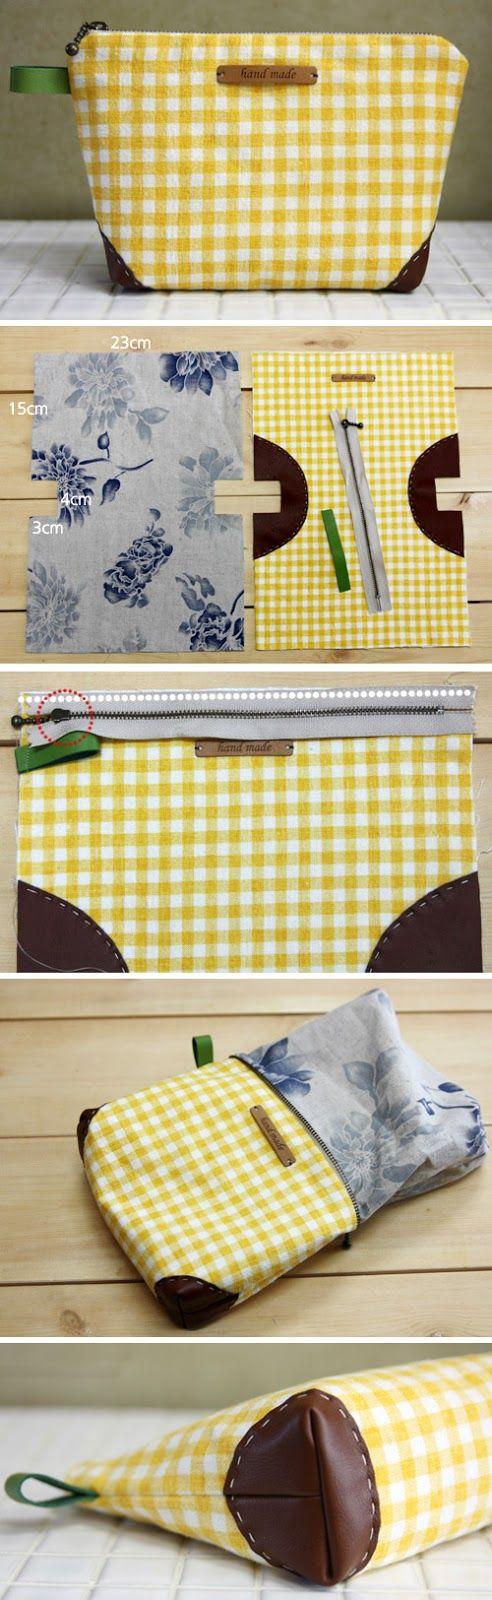 Как выглядят рукодельные подарки, интересные вашим близким: трендовая рукодельная косметичка - пошаговая инструкция в картинках